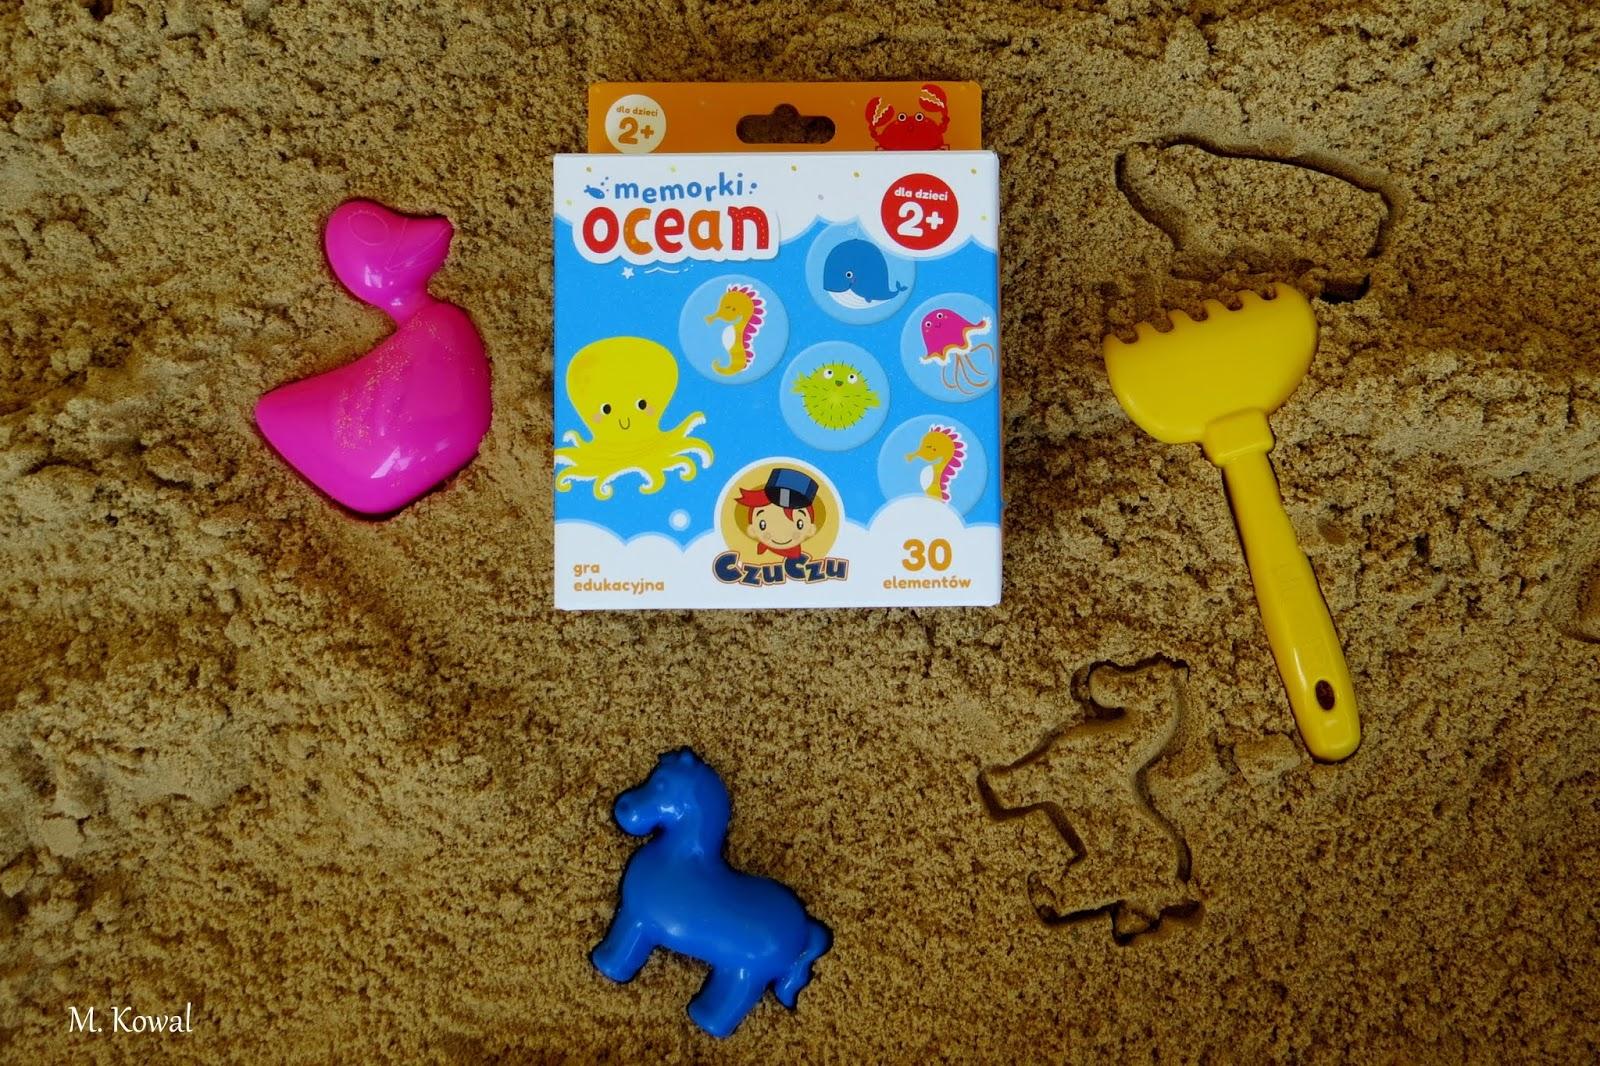 Oceaniczne memorki, czyli słonecznie ciepła CzuCzu gra :)